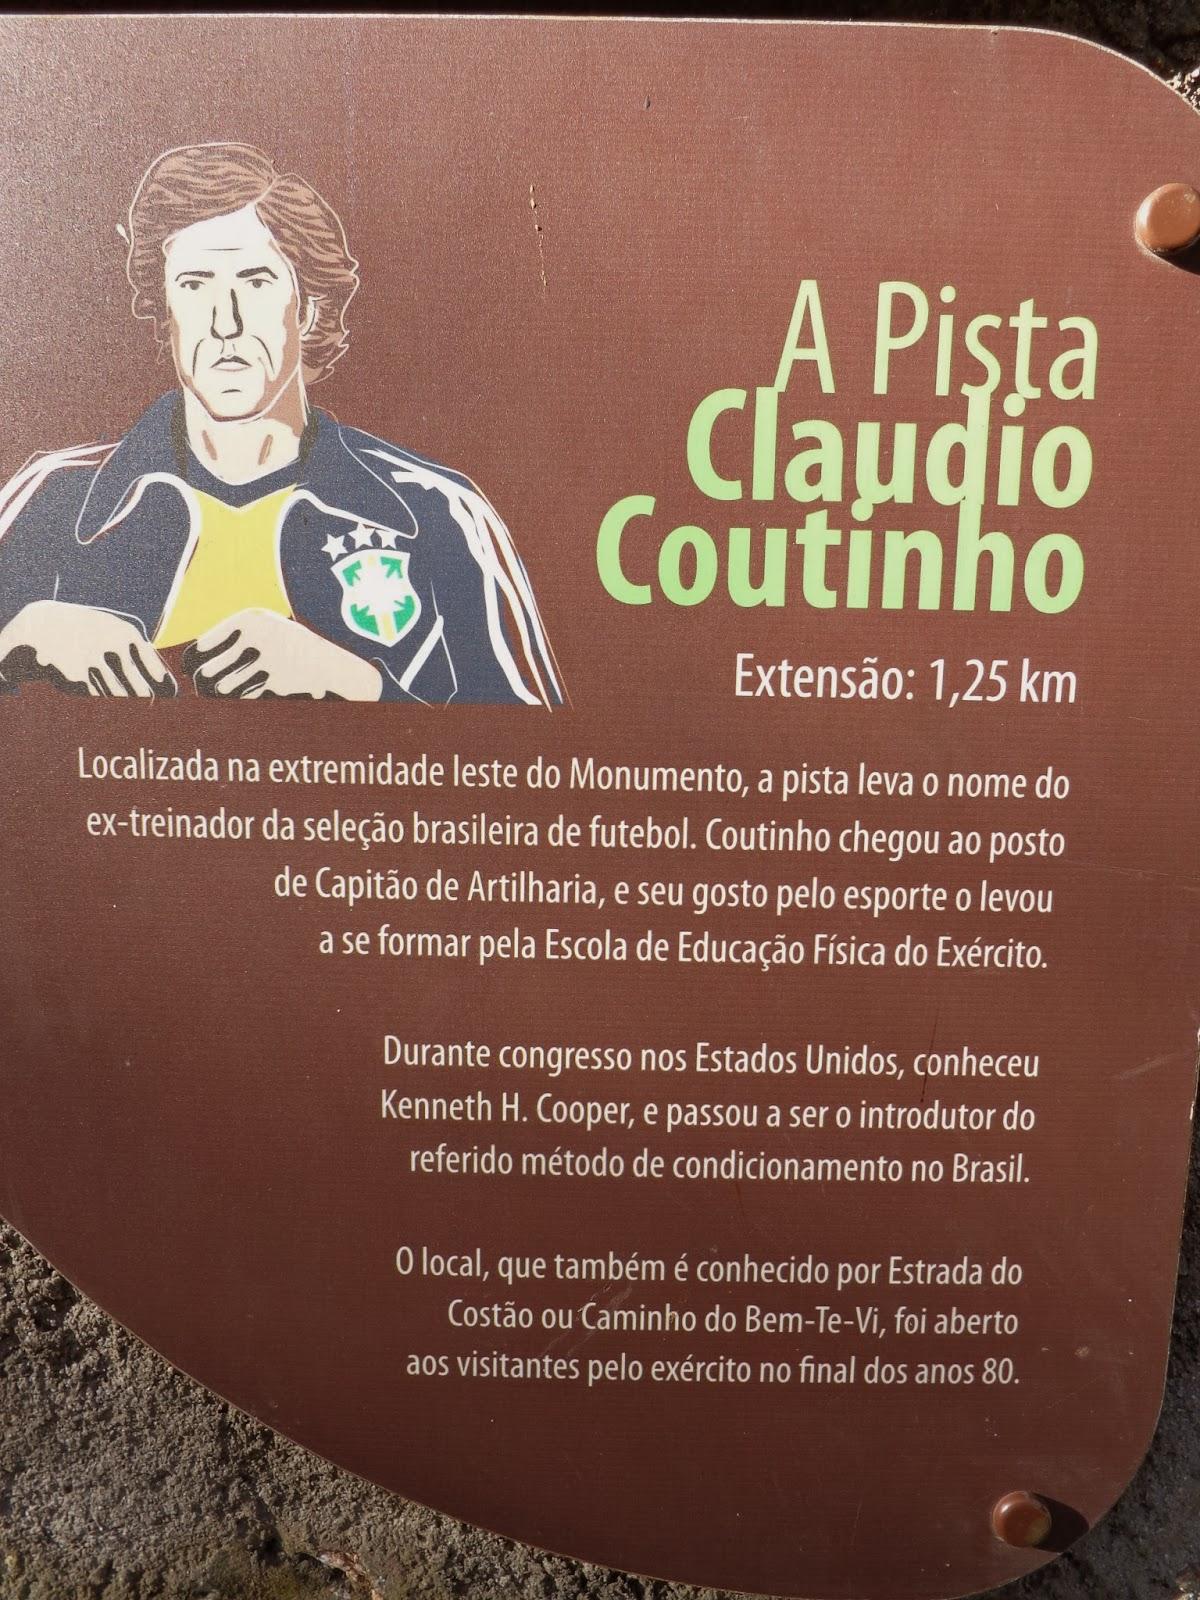 Pista Cláudio Coutinho, Praia vermelha, Rio de Janeiro